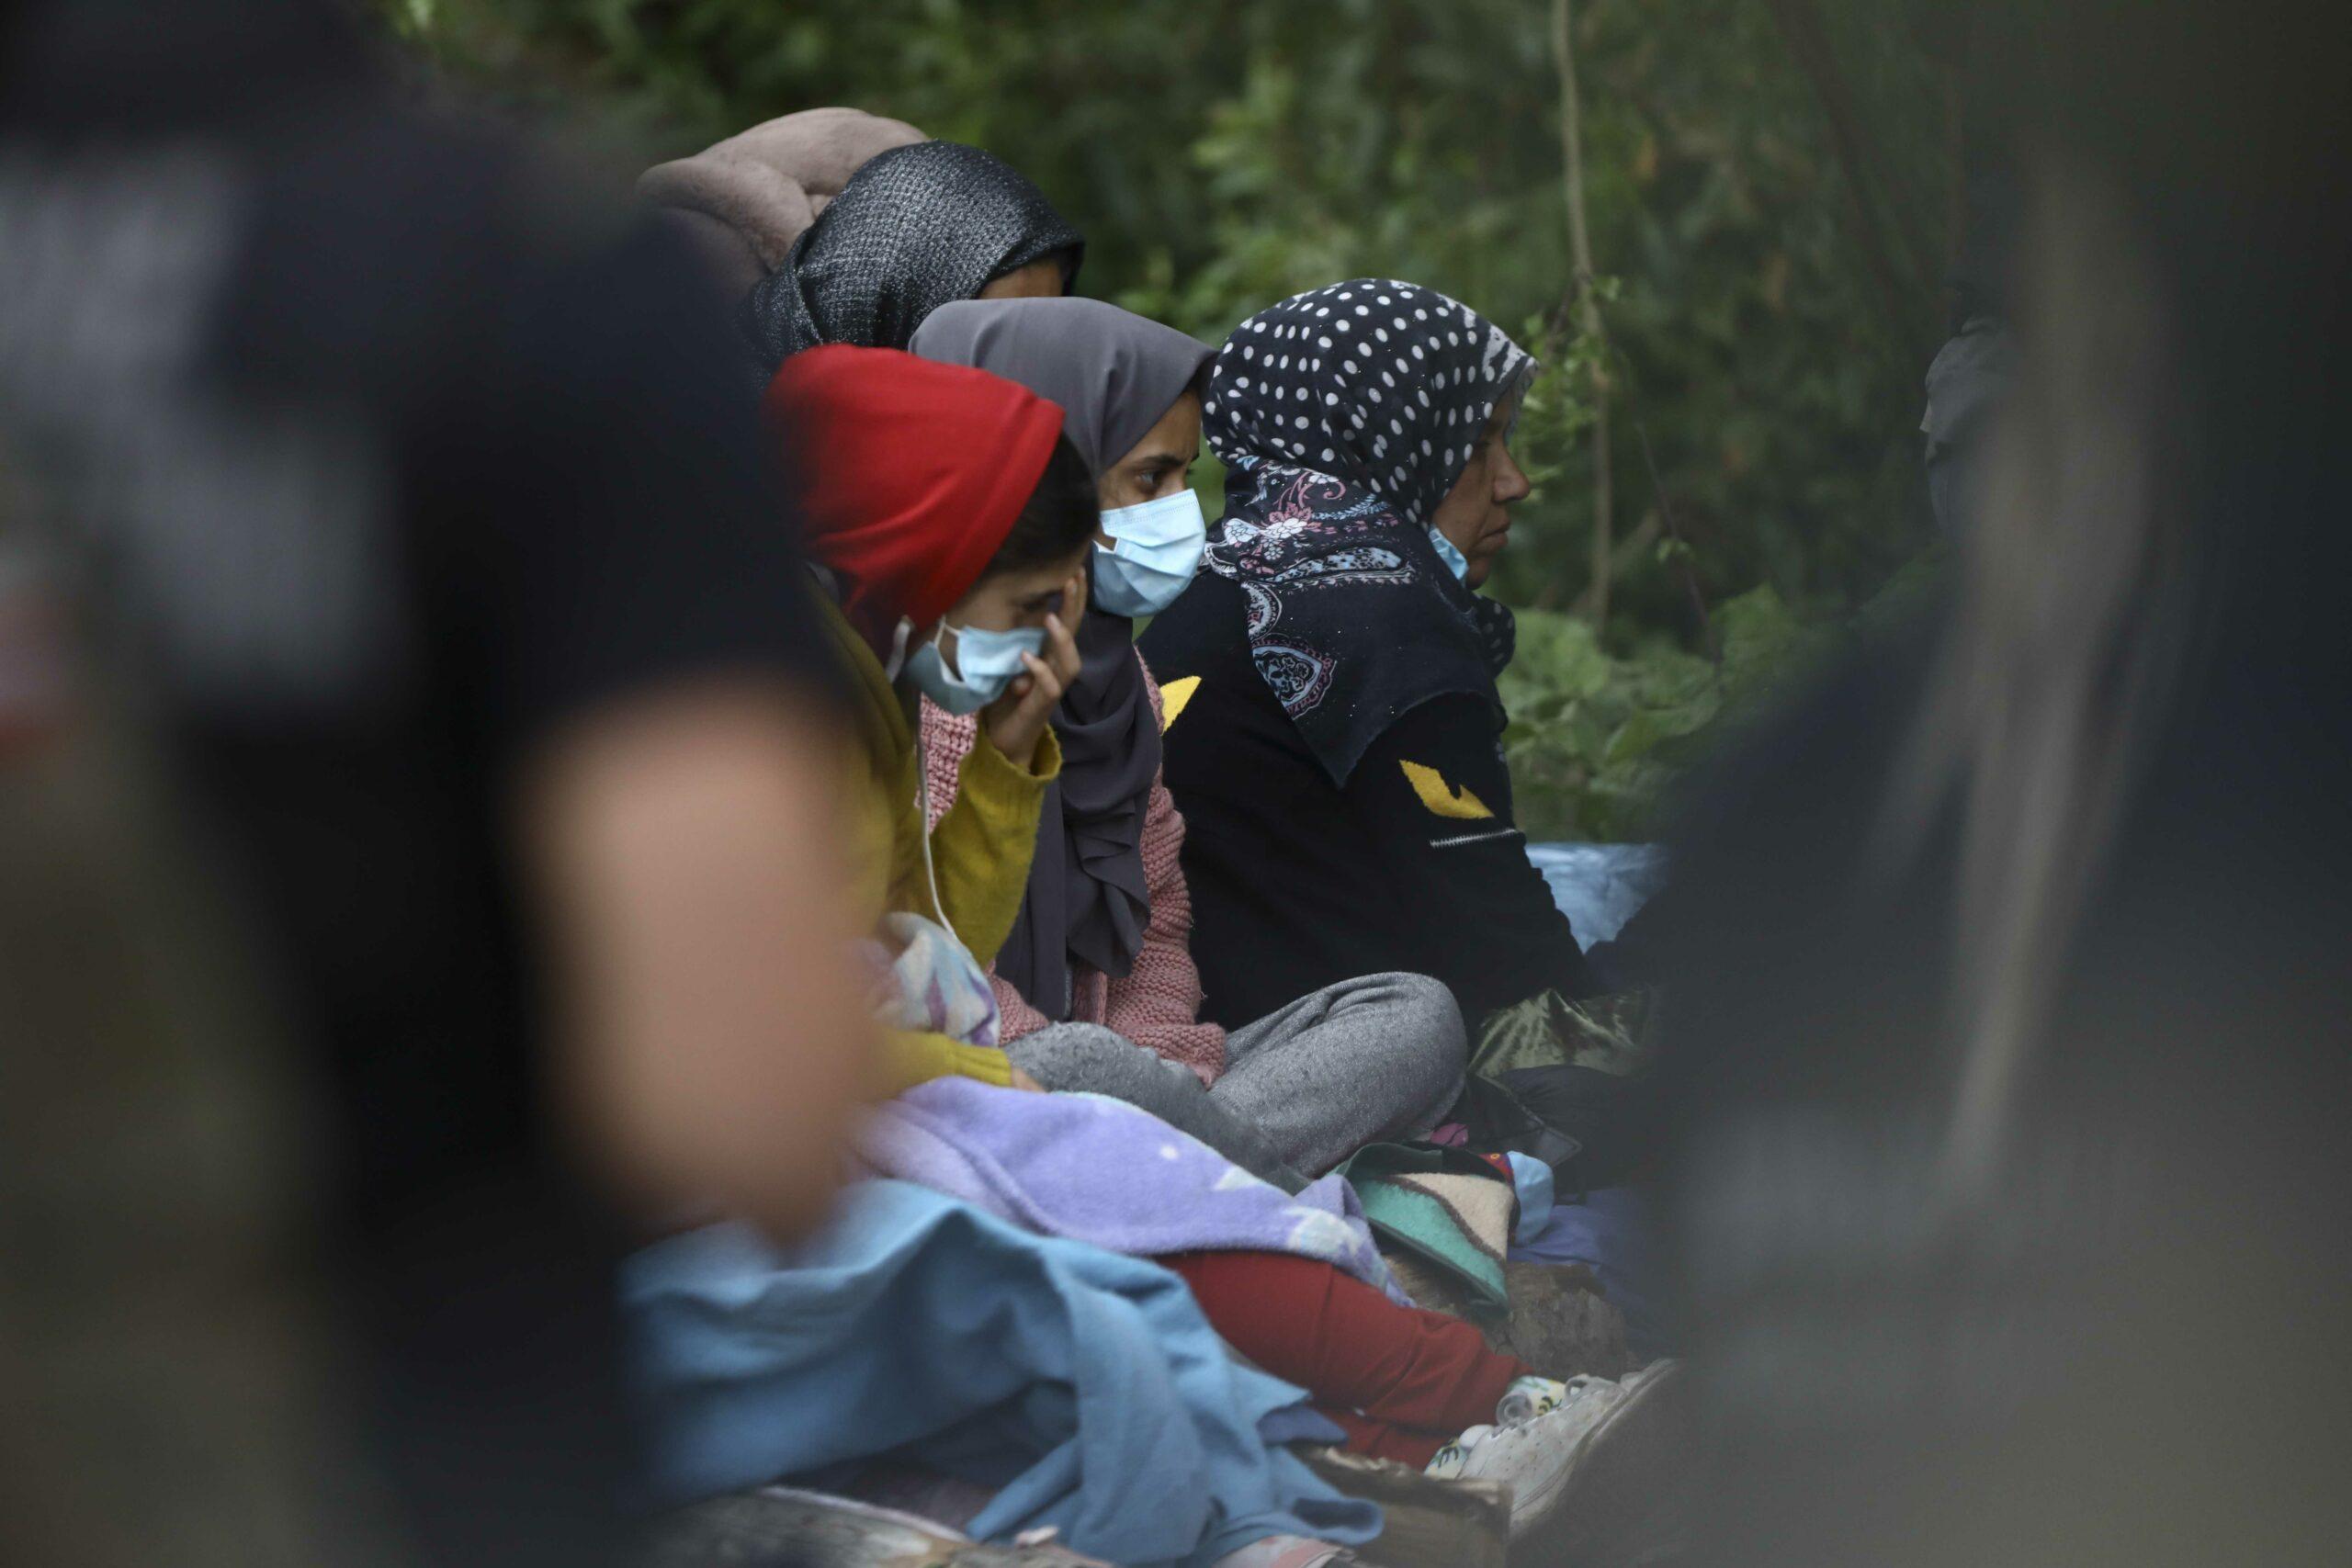 gettyimages 1234767872 scaled - <b>В Україну прямують 5 тисяч біженців з Афганістану.</b> Чи ні? Варто очікувати міграційної кризи? Відповідаємо на головні питання - Заборона